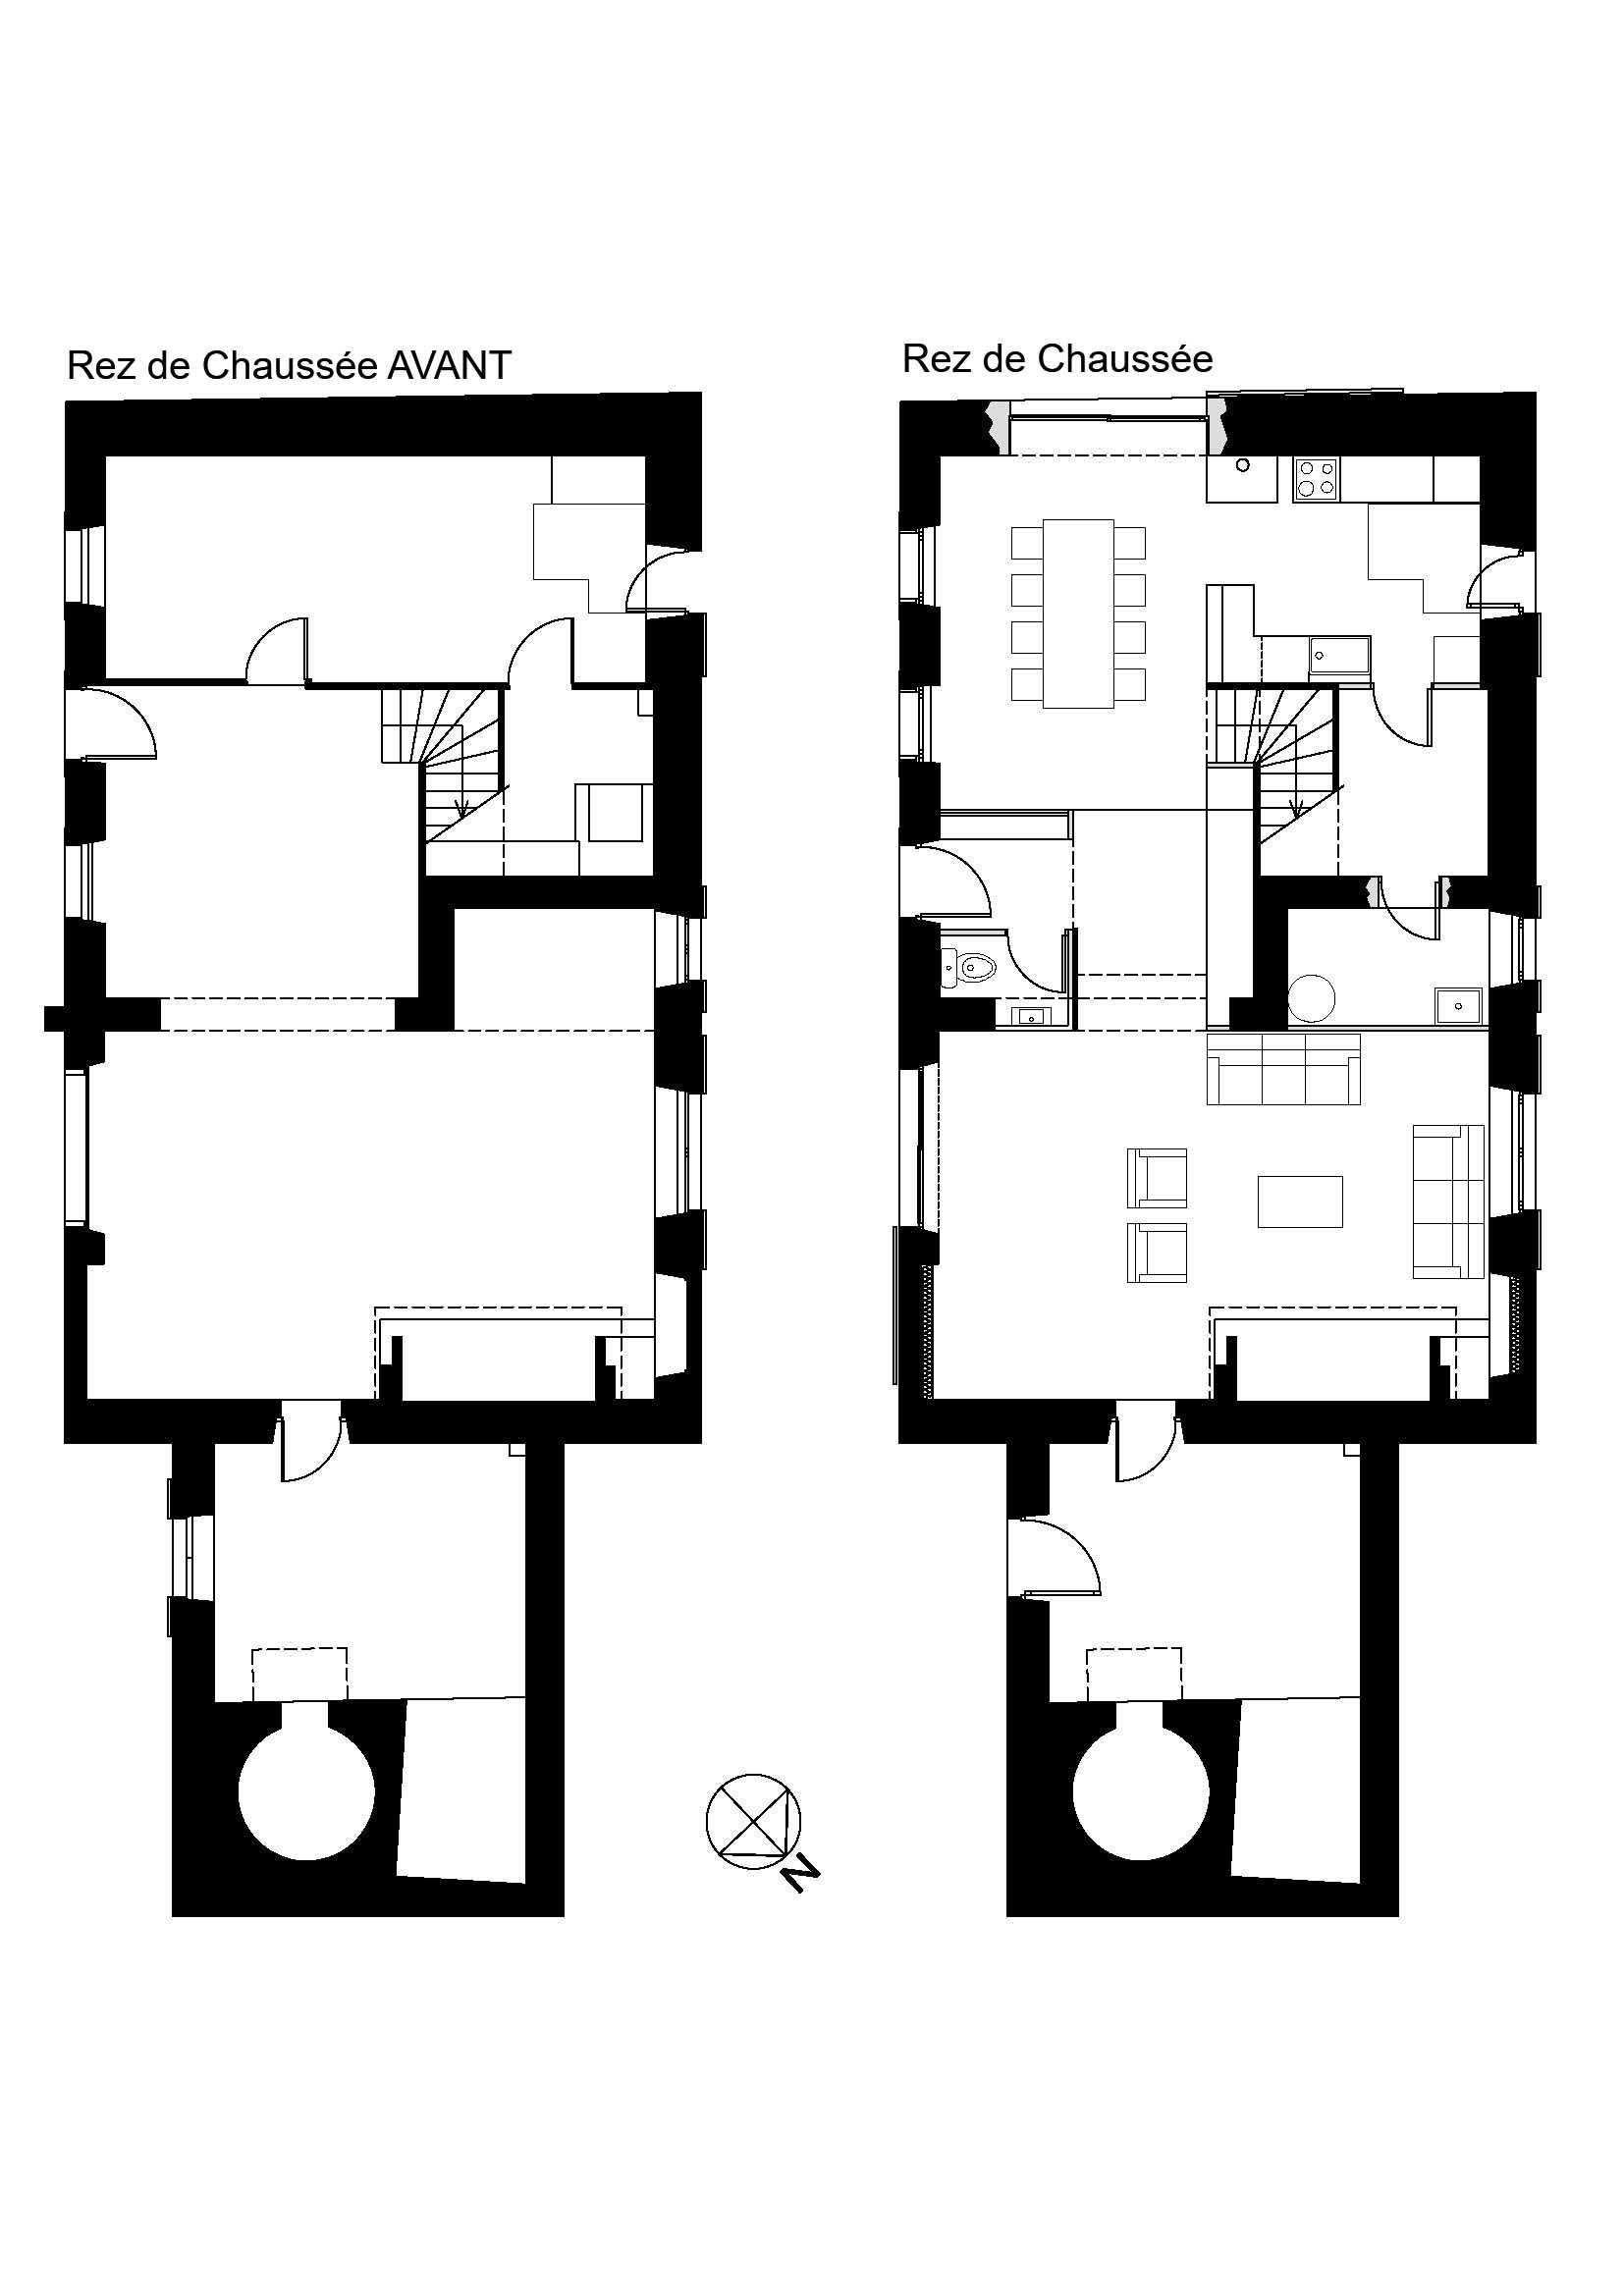 Plan de la maison